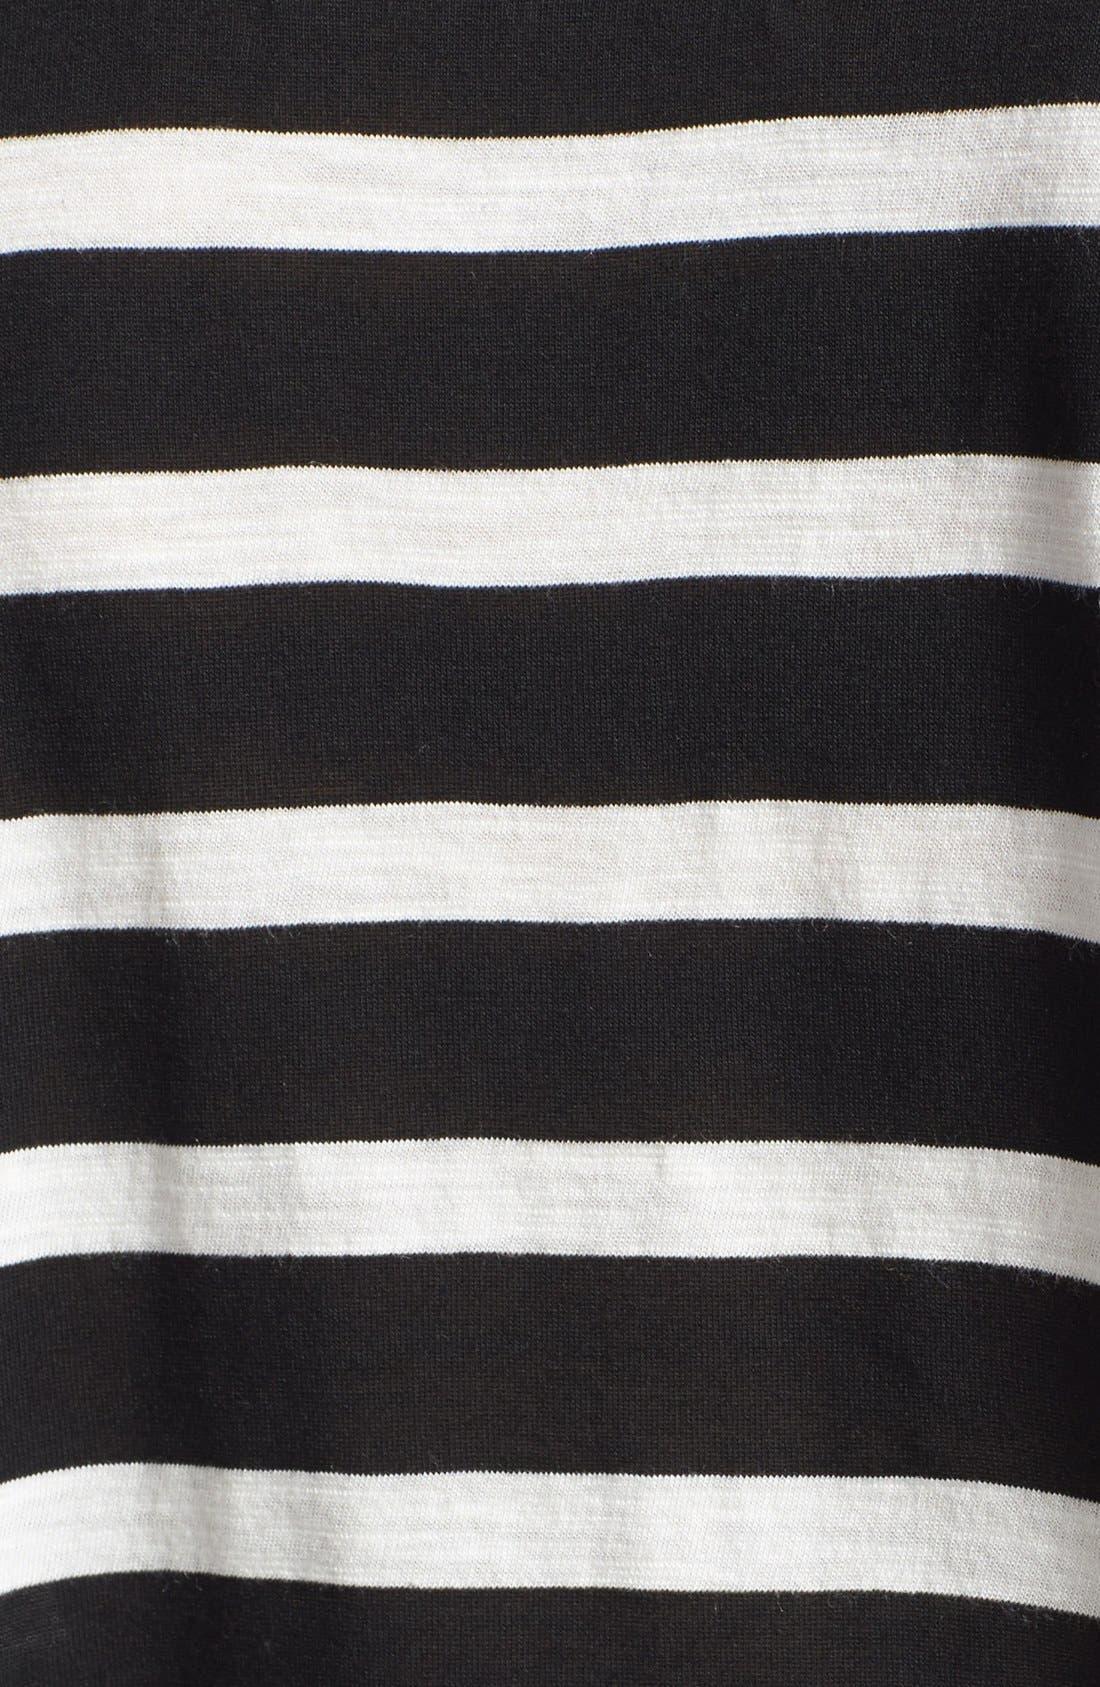 Alternate Image 3  - Lily Aldridge for Velvet by Graham & Spencer Stripe Tee